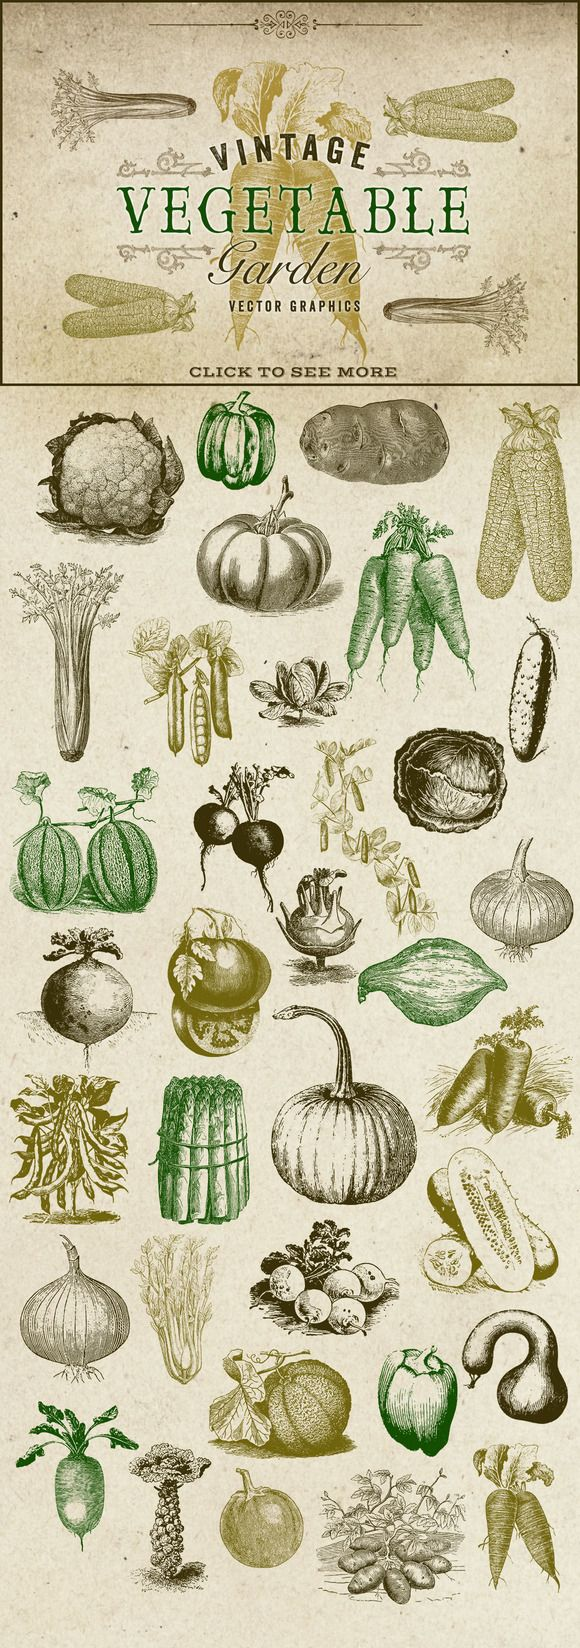 Vintage Vegetable Garden Graphics Vintage Illustration Vegetable Drawing Graphic